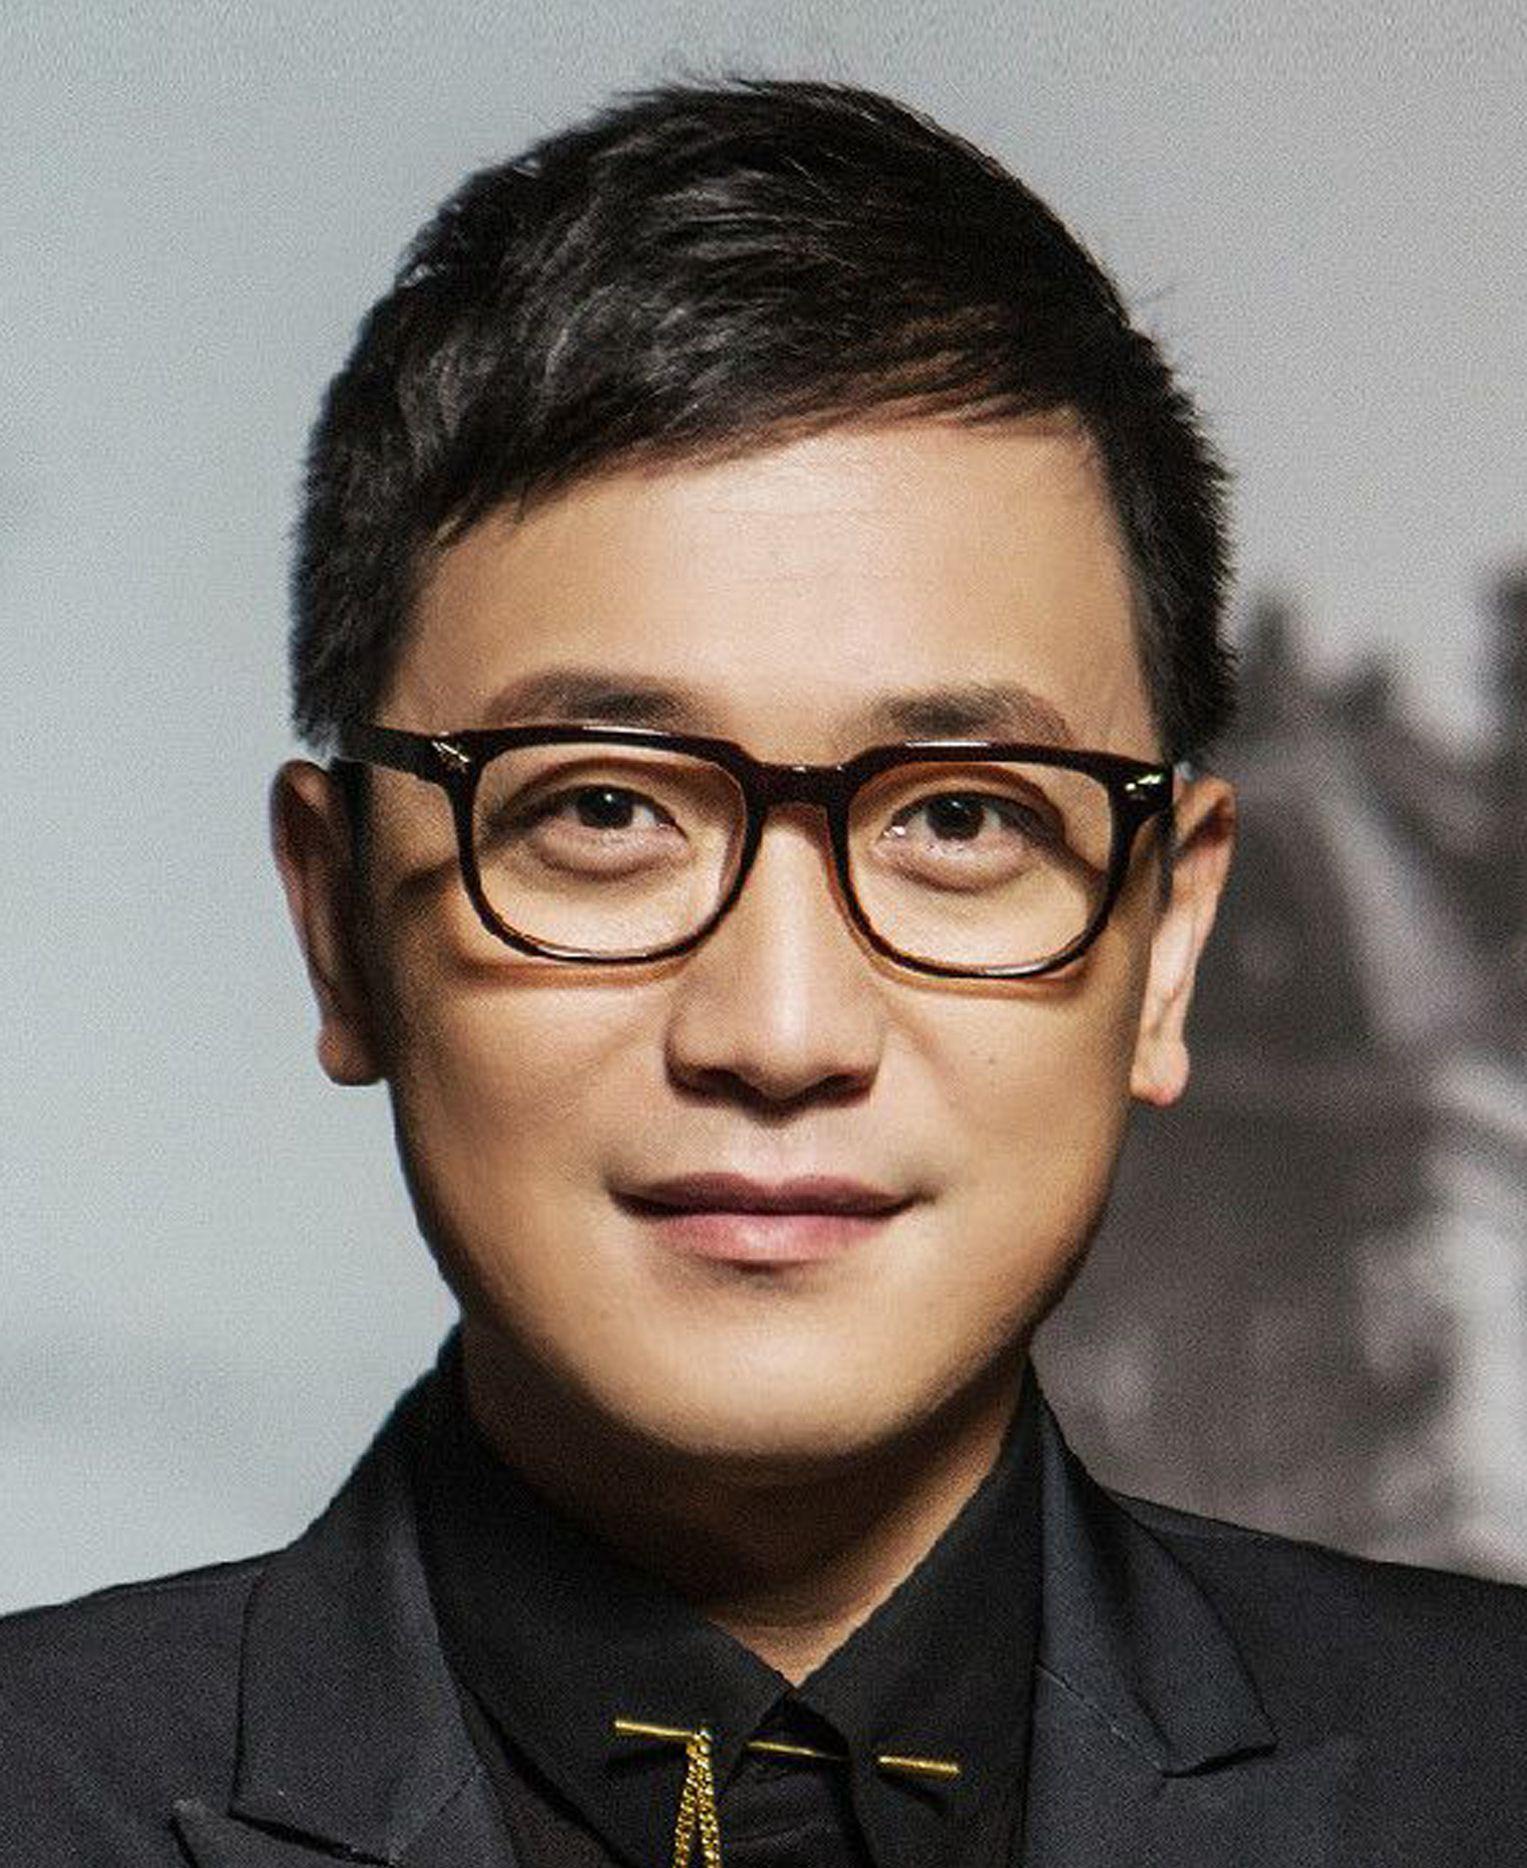 向上影业集团 创始人、董事长兼CEO肖飞照片